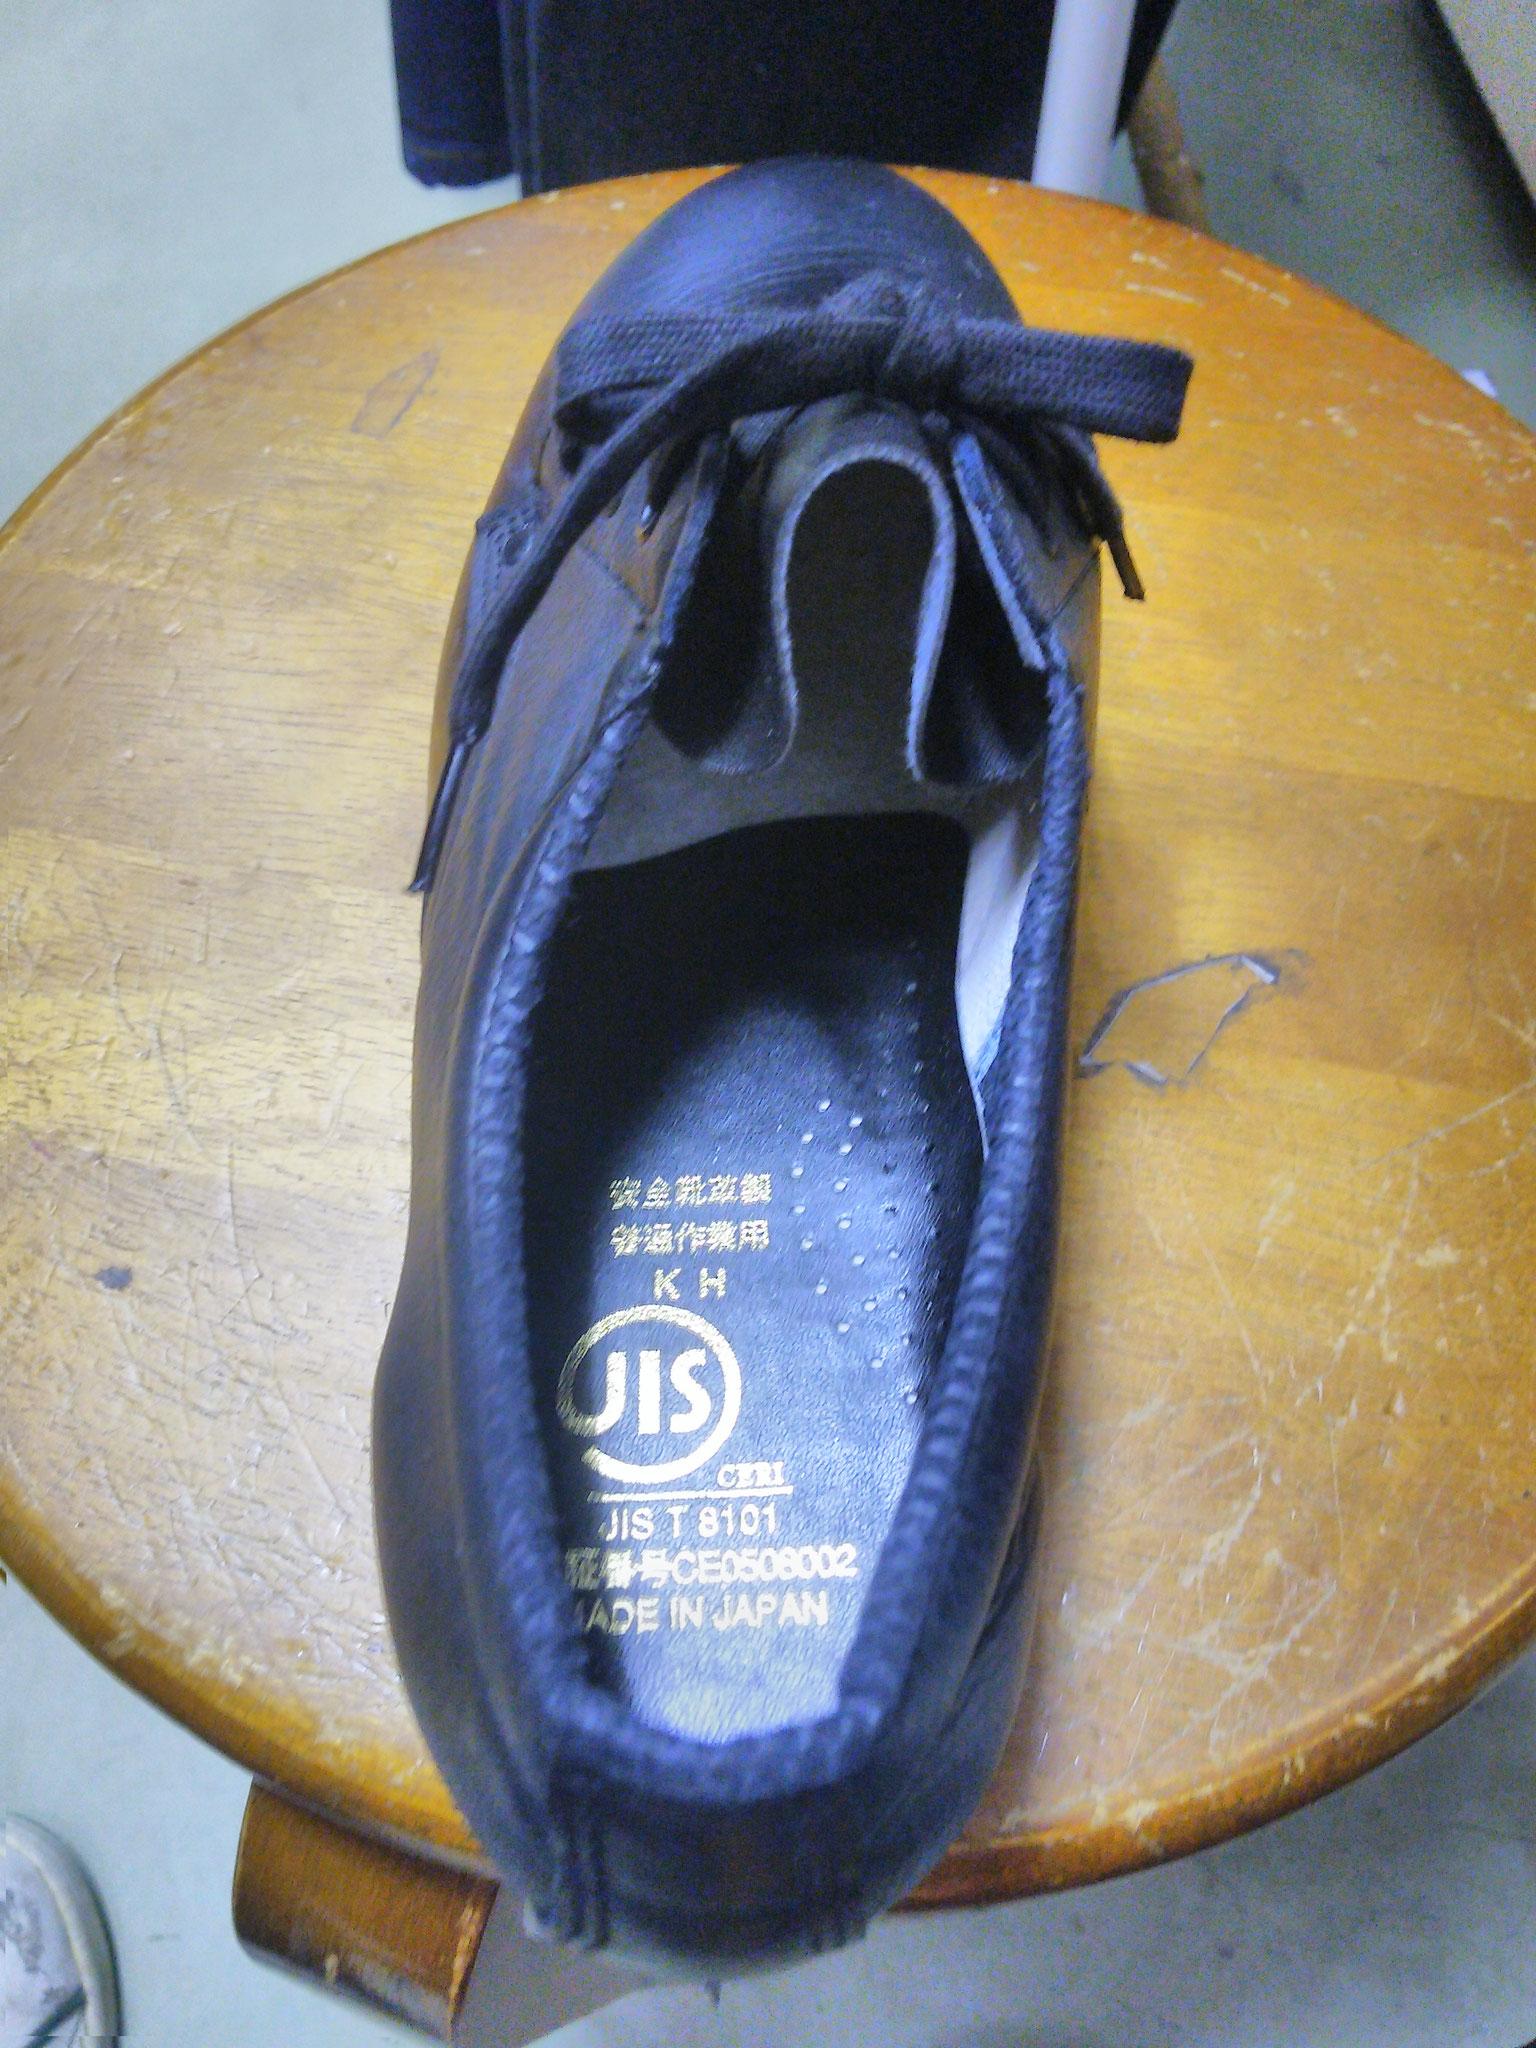 AN105V  革製安全靴  短靴  ¥3,990(税込)幅広3Eで、ゆったり履いて頂けます。